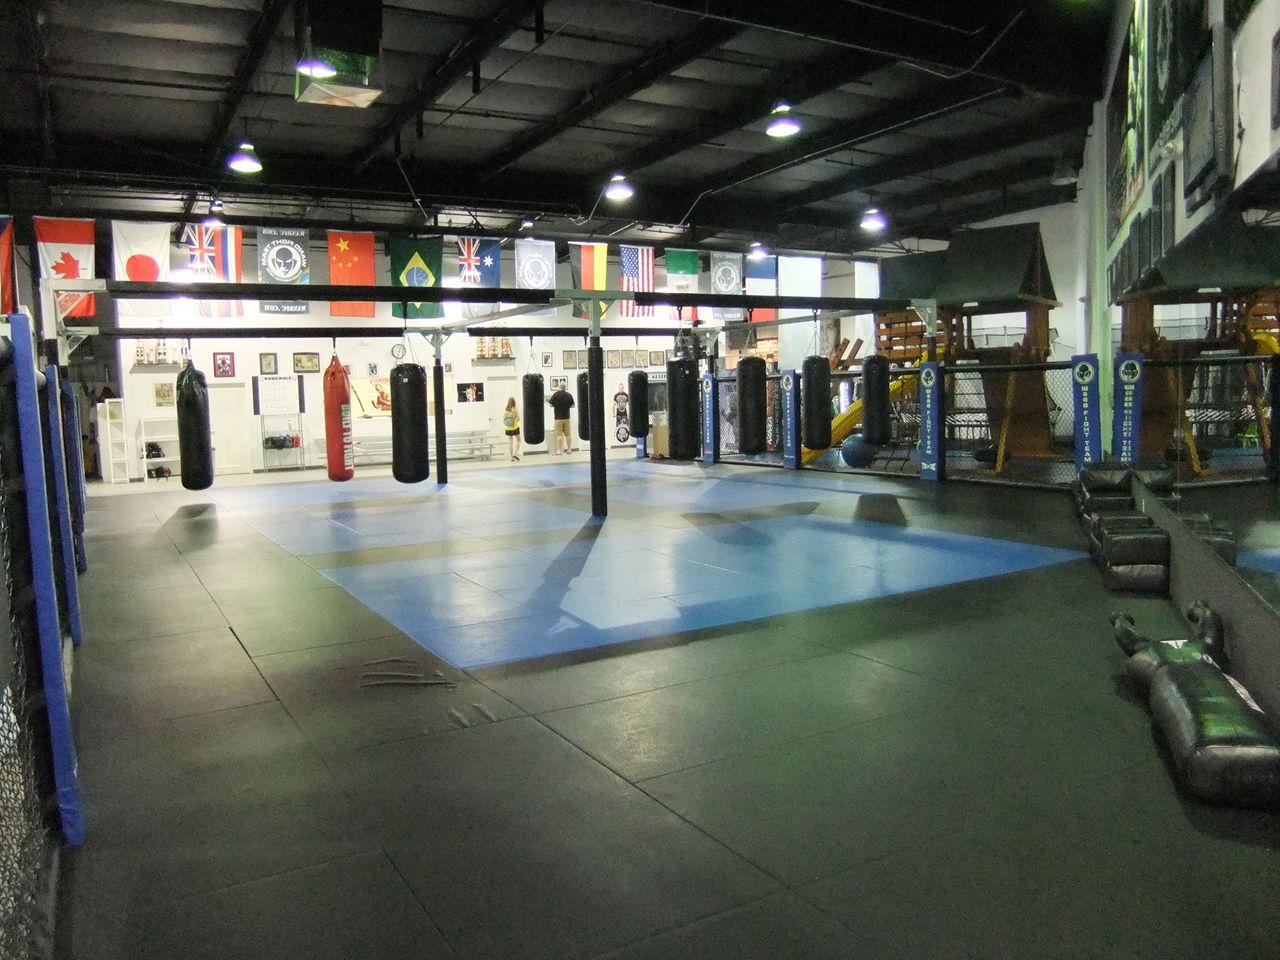 ヴァンダレイ・シウバのジム@ラスベガス Wanderlei Silva gym!! @Las V